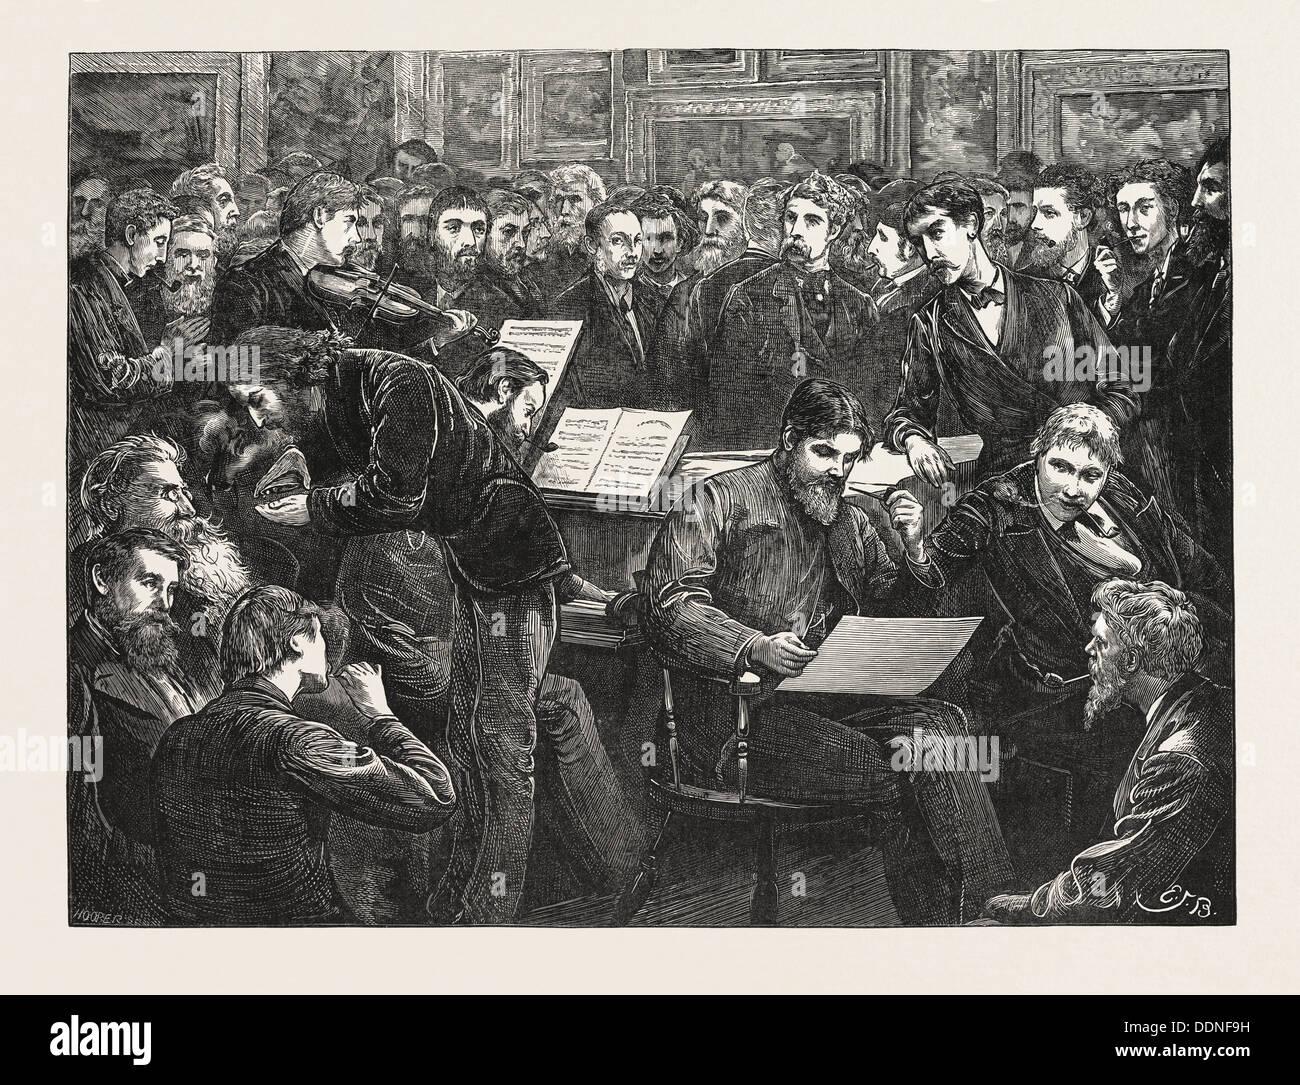 EIN KÜNSTLER SOIREE: EINE SKIZZE AN DER HOGARTH CLUB, UK, 1873 Stockbild